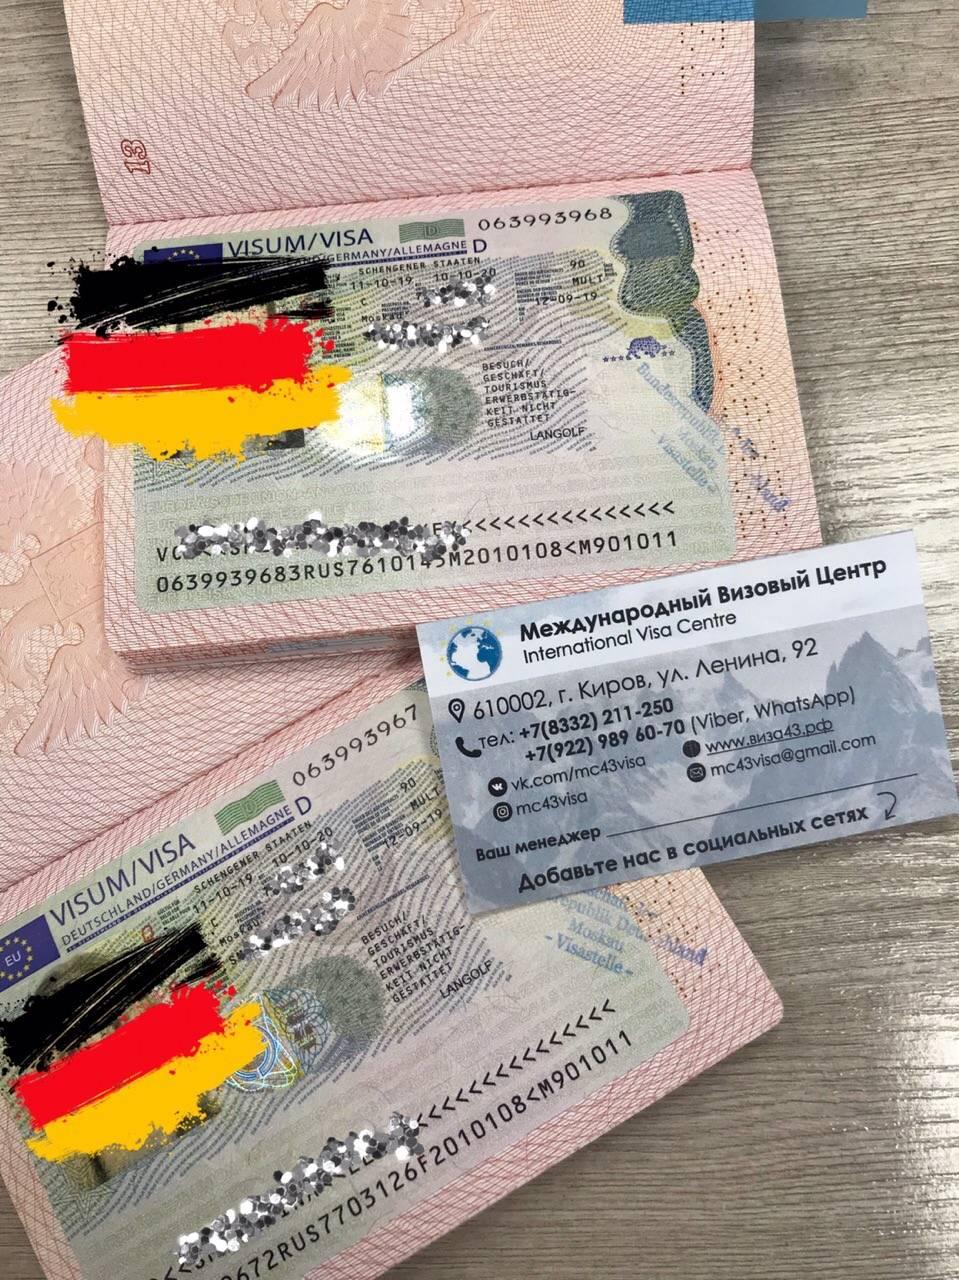 Информация о получении визы - федеральное министерство иностранных дел германии